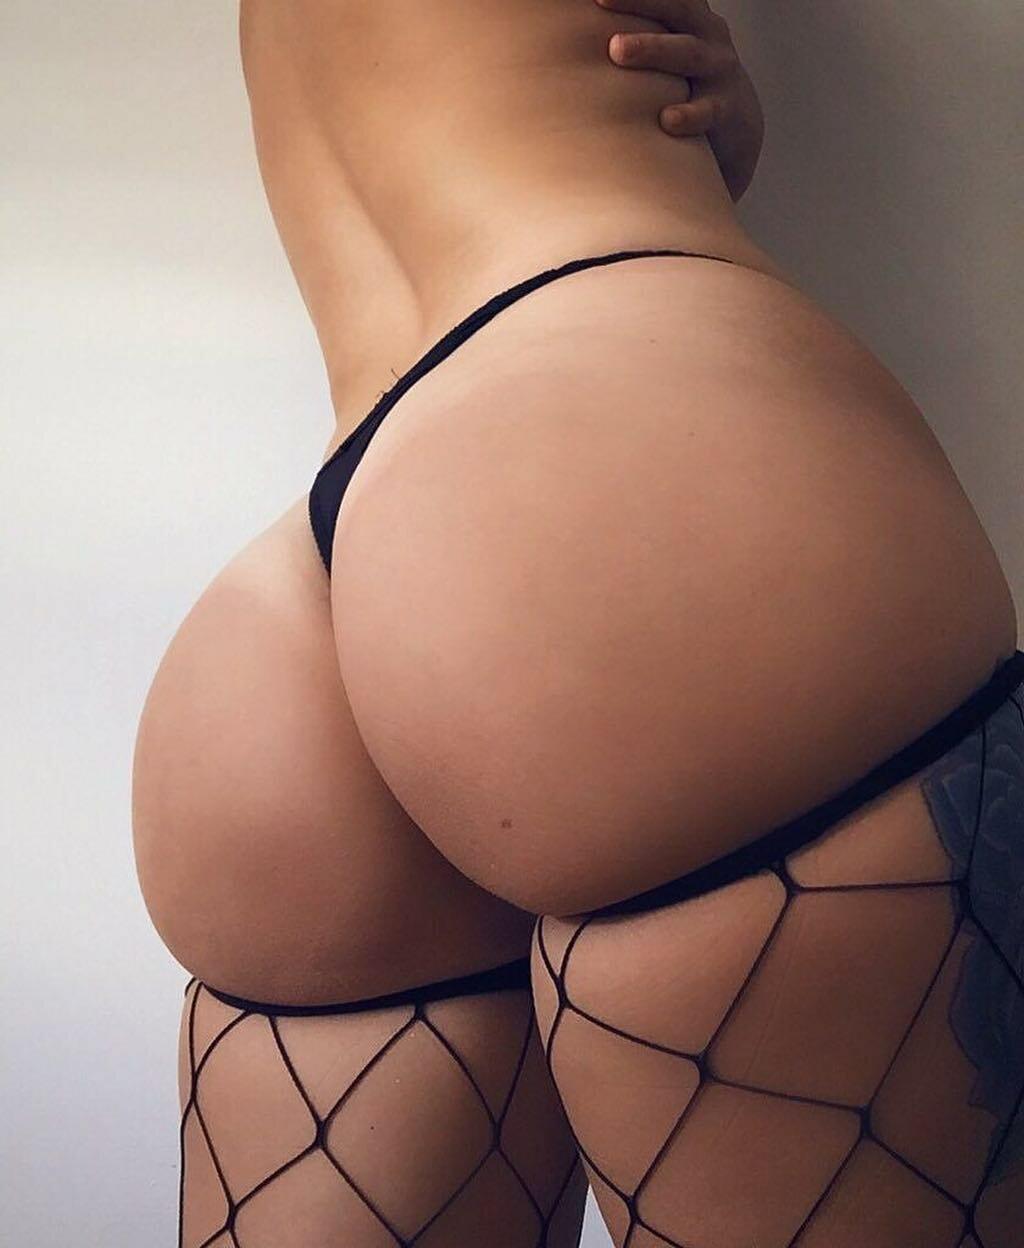 Fucking pussy ass butt blog